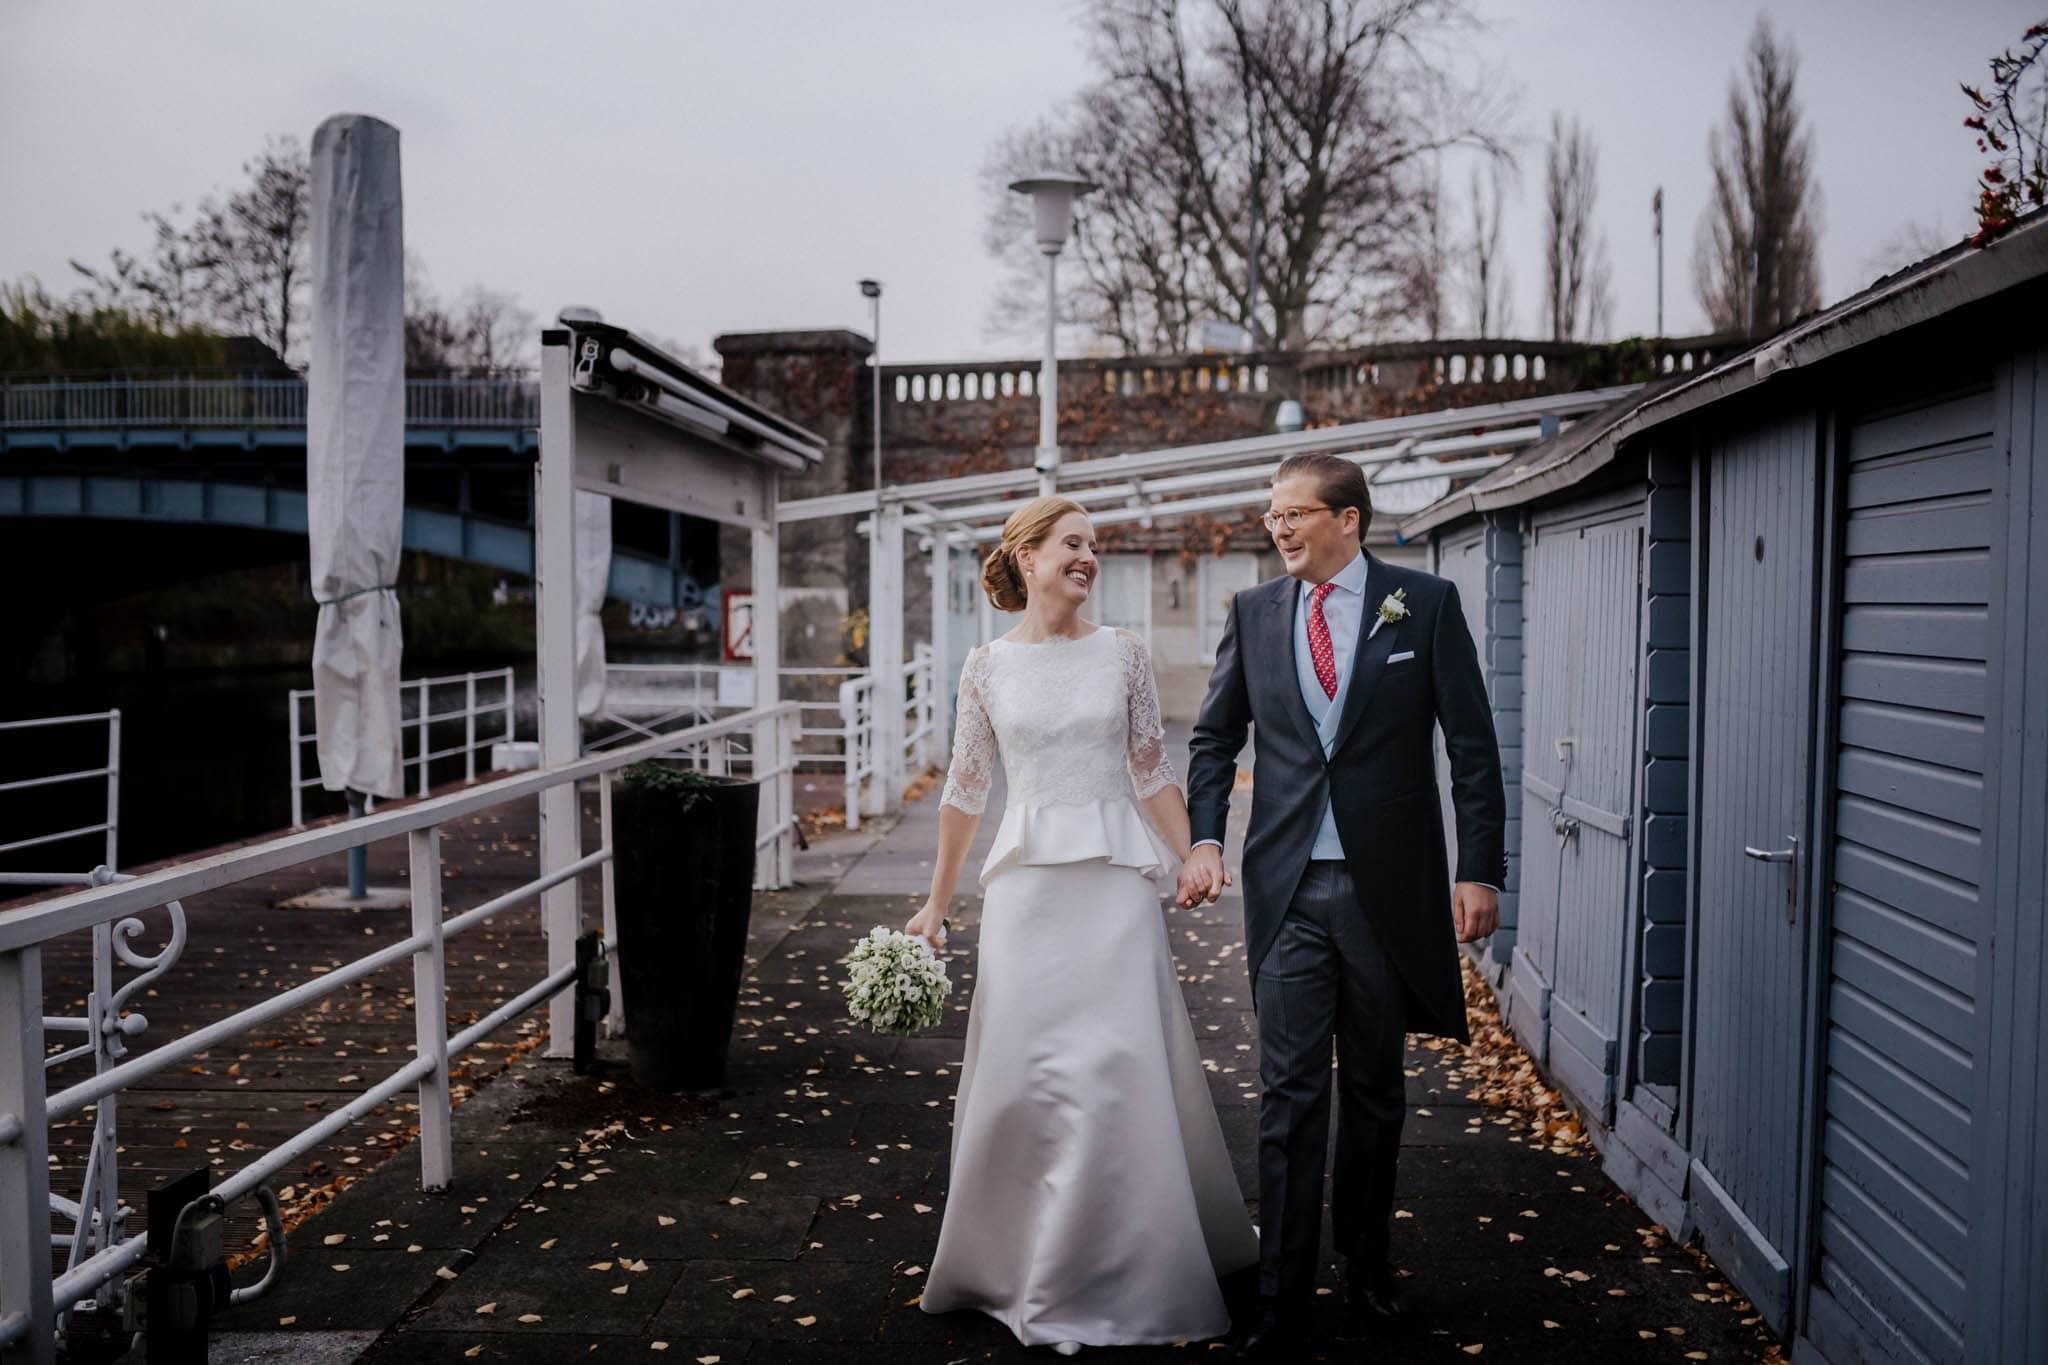 Hochzeitsfieber by Photo-Schomburg, Hochzeitsfotograf, Hamburg,Hochzeitstag, Hochzeitspaar, Braut, Bräutigam, Literaturhauscafe Hamburg-44